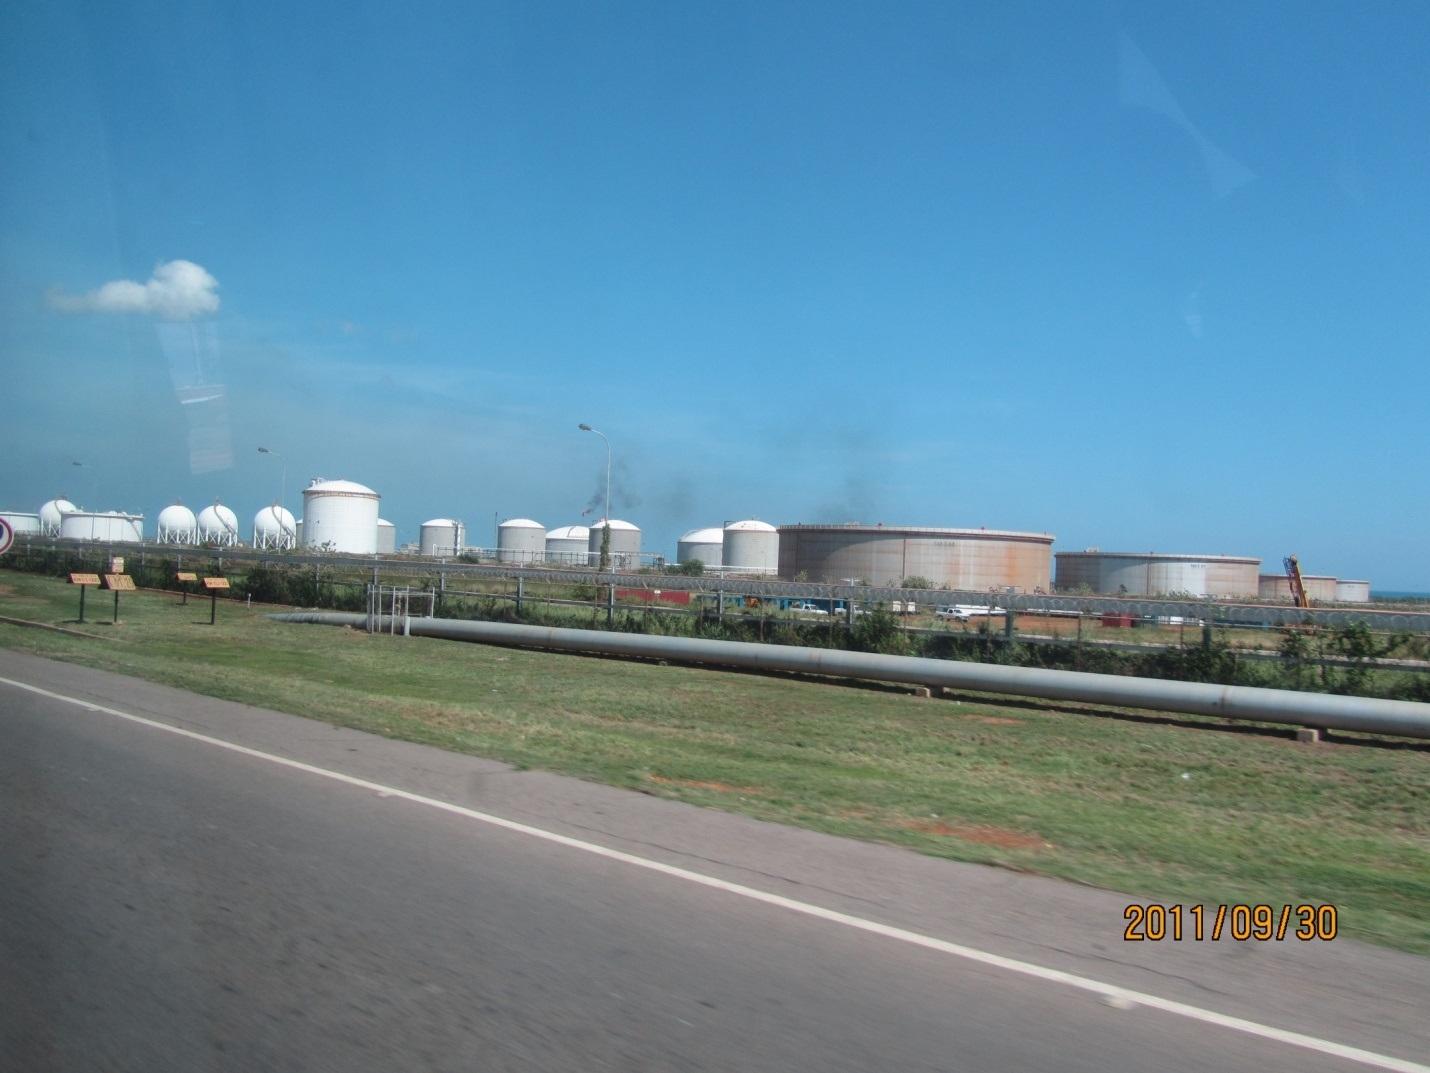 tham-venezuela-hoa-hau-dau-lua-1